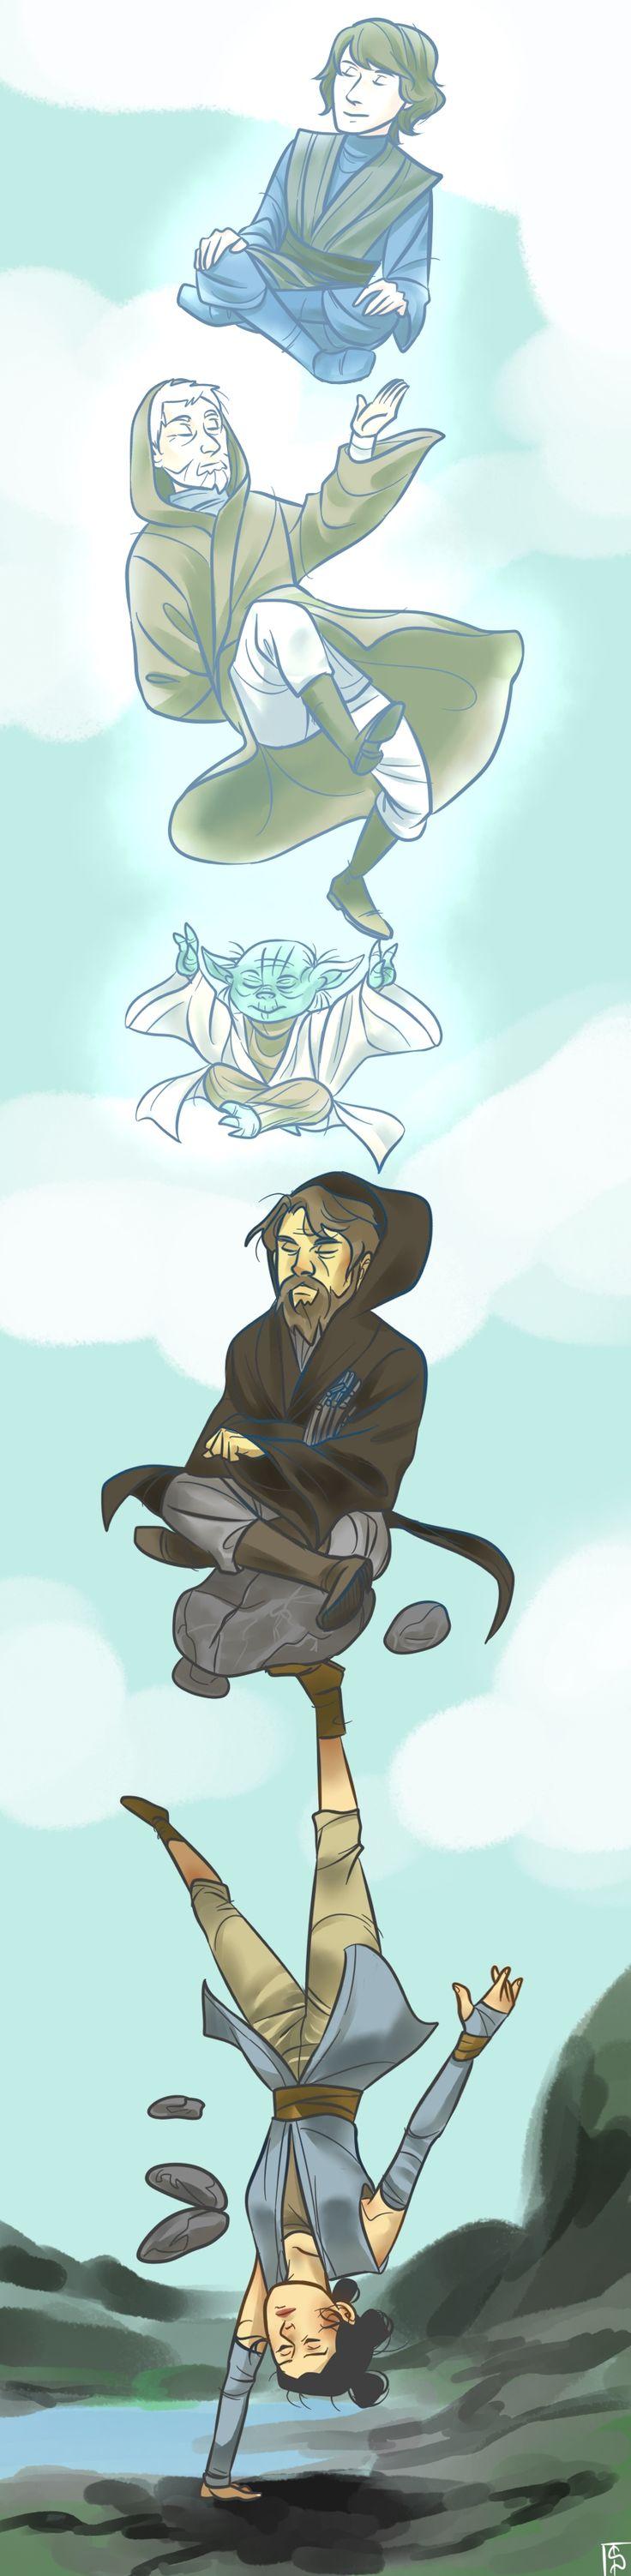 L'entraînement de Rey